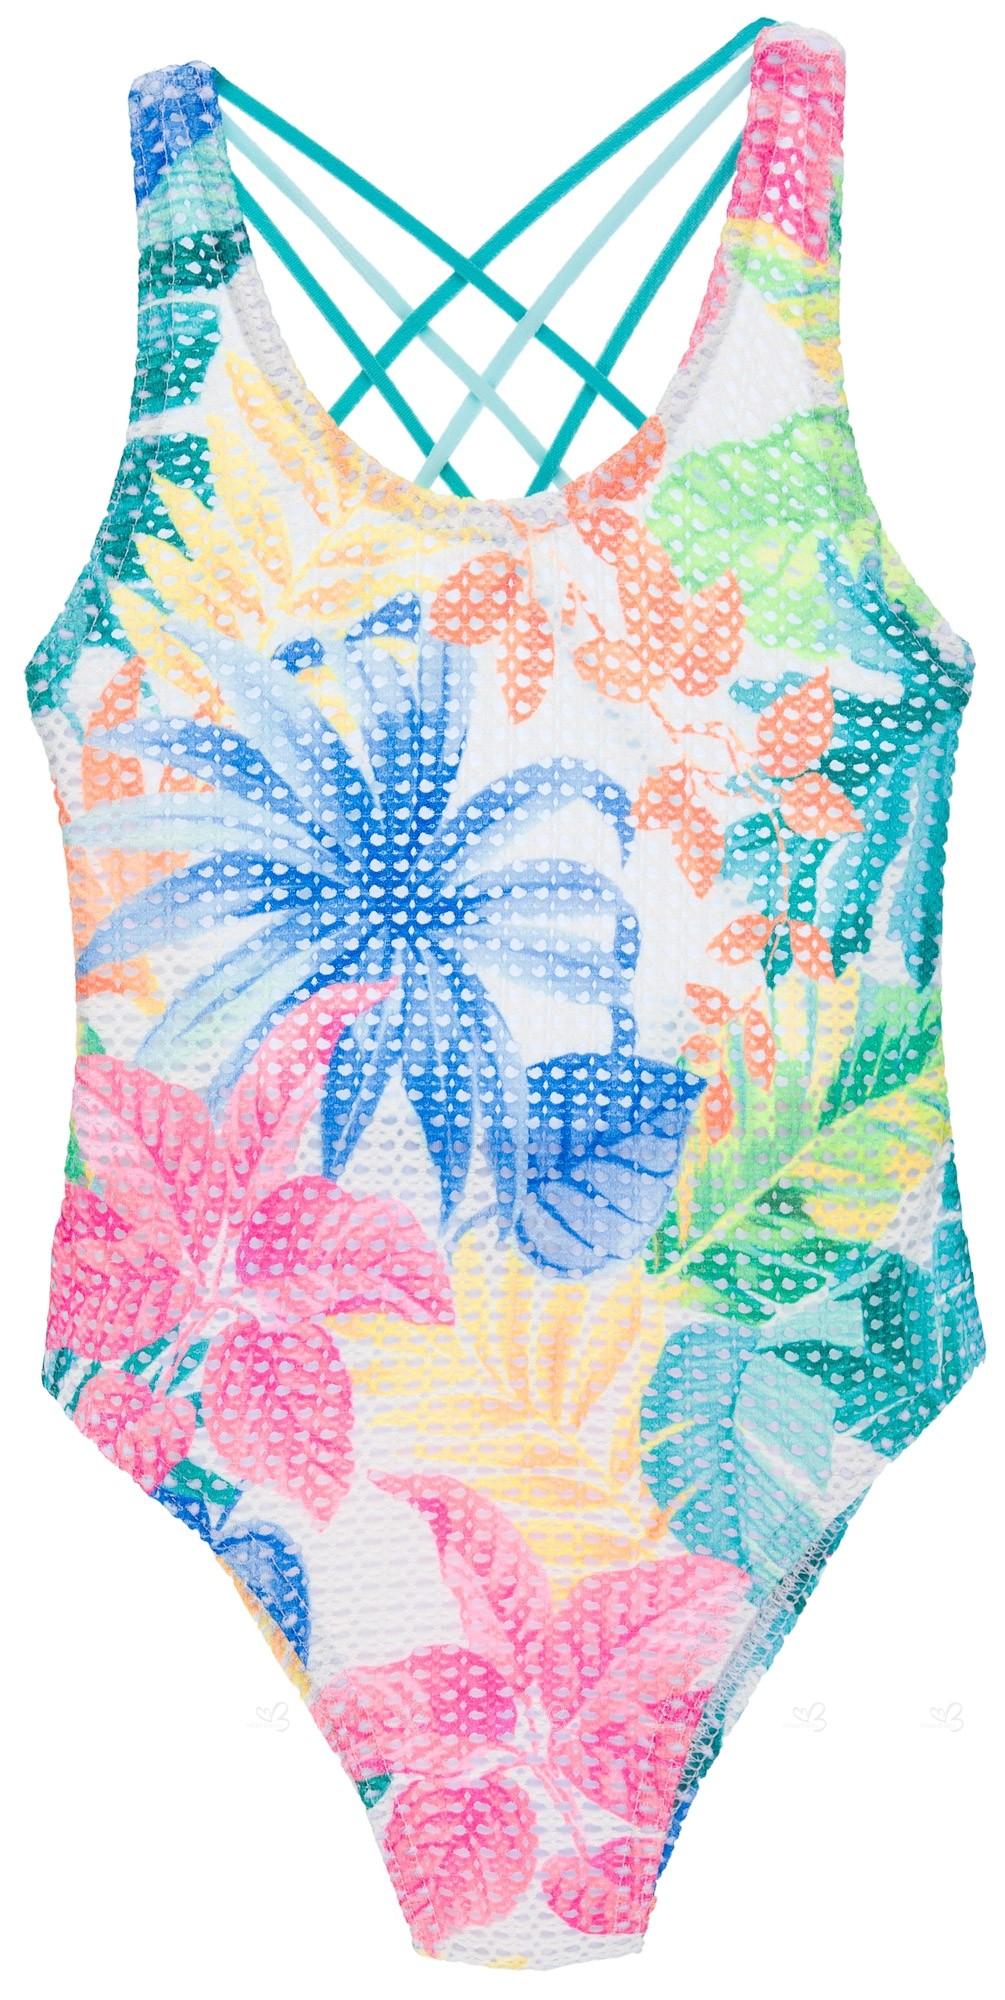 Floral Perforadoamp; Multicolor Bañador Niña Estampado RScjL354qA